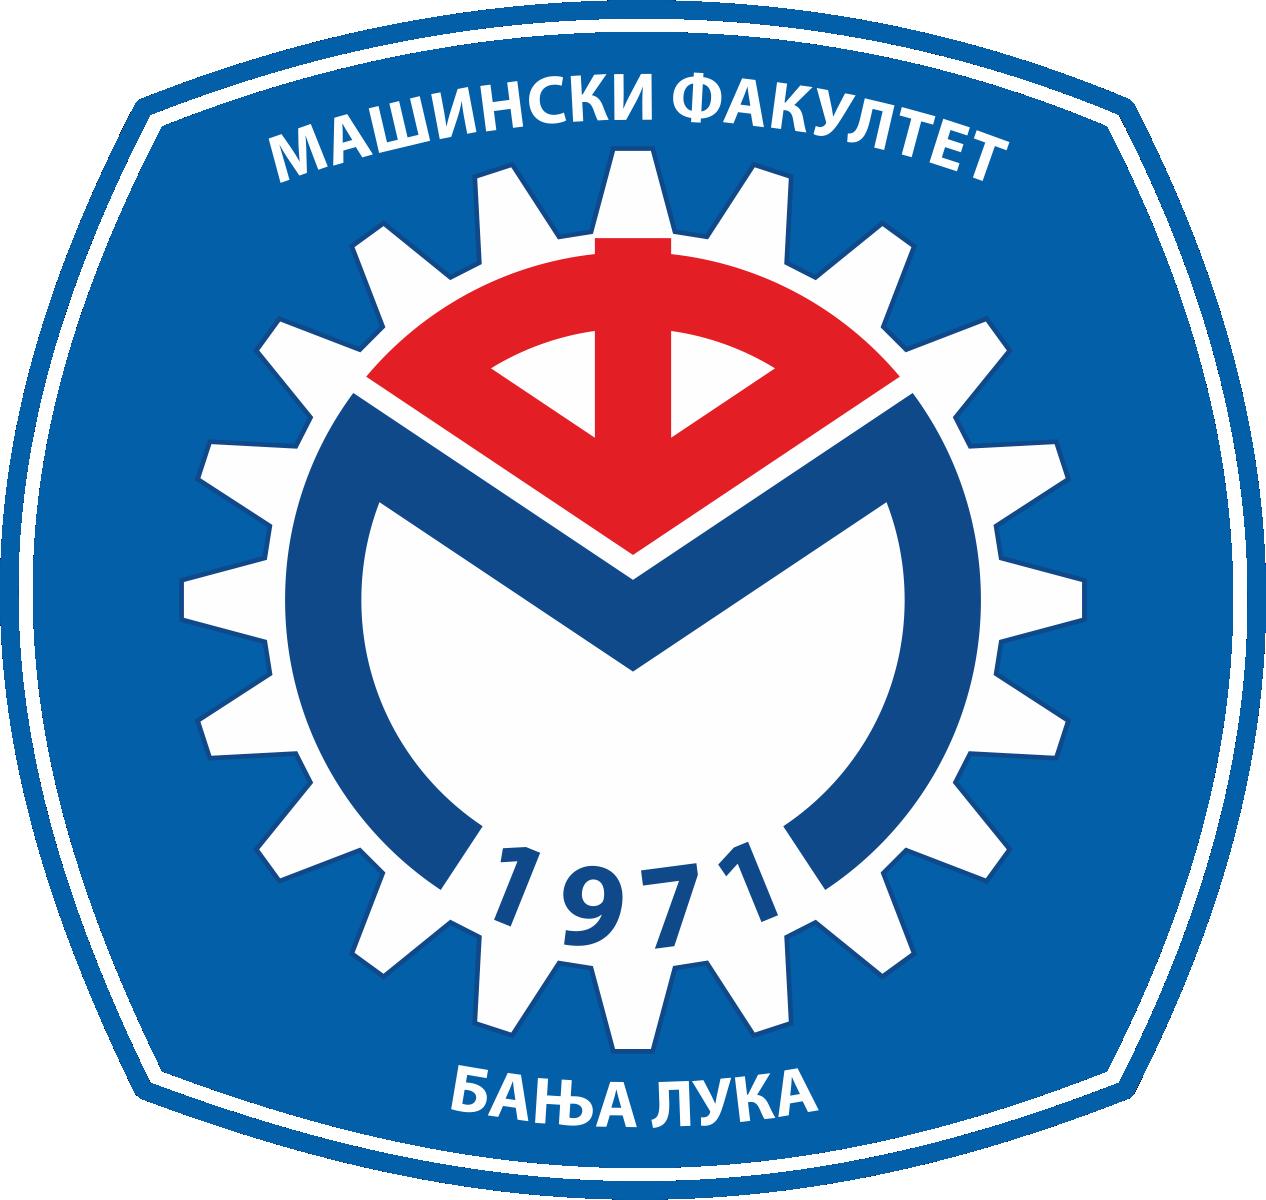 Машински факултет Универзитета у Бањој Луци Војводе Степе Степановића 71